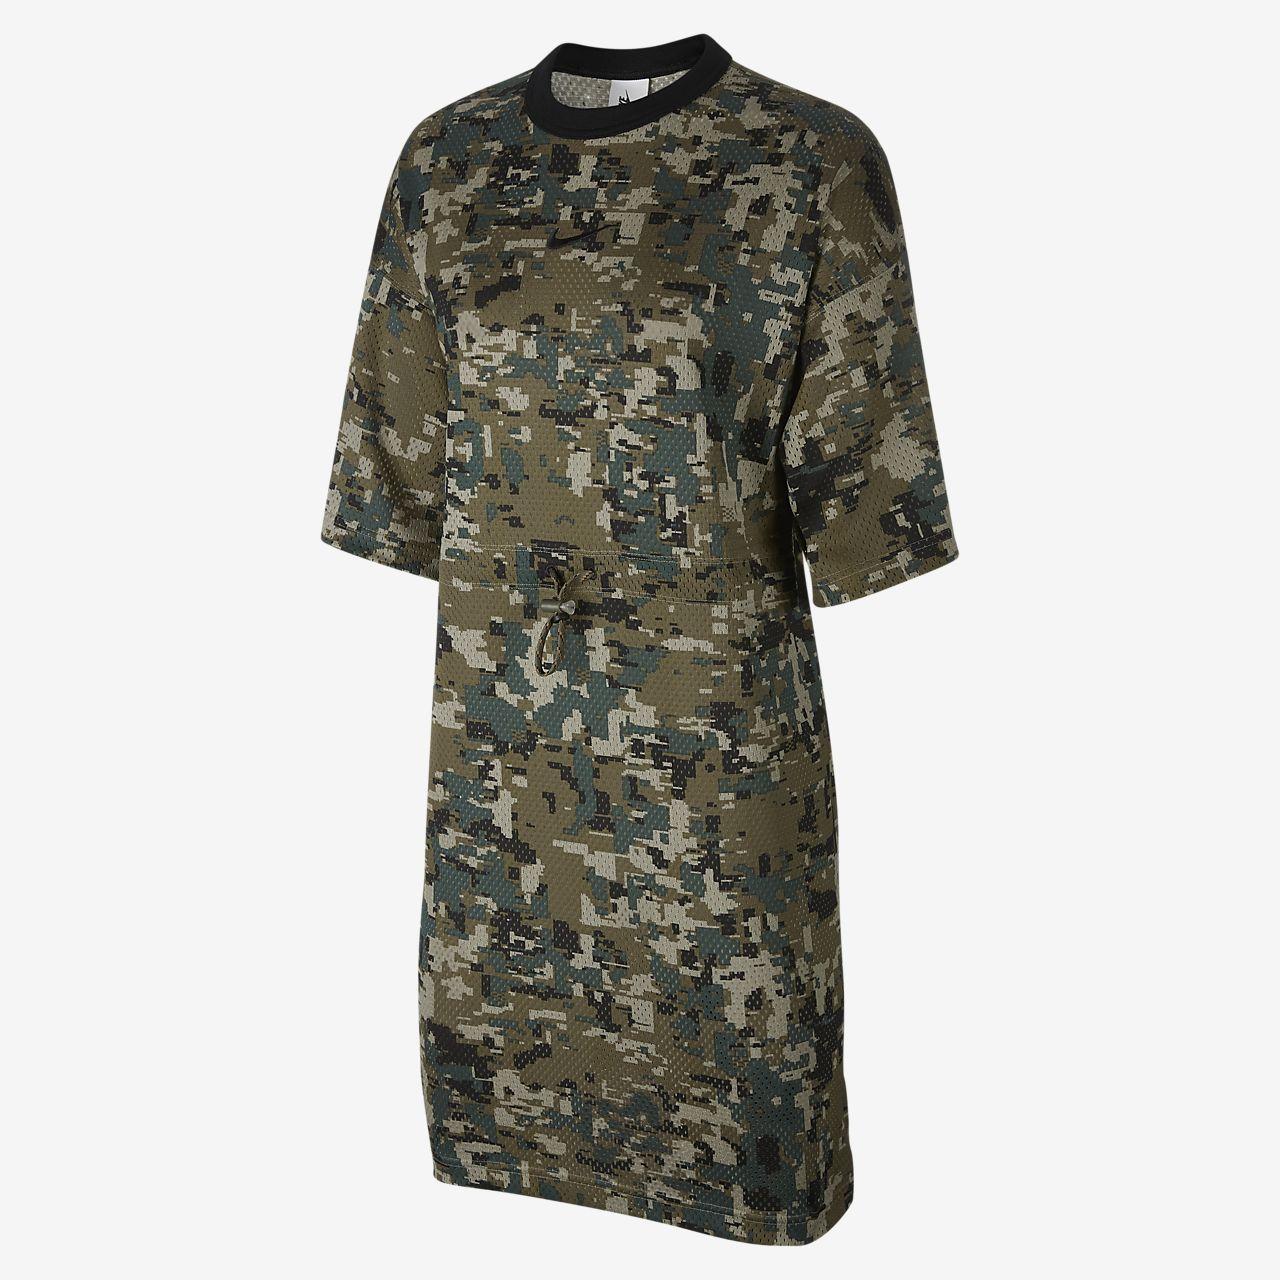 ナイキラボ コレクション ウィメンズ メッシュ ドレス